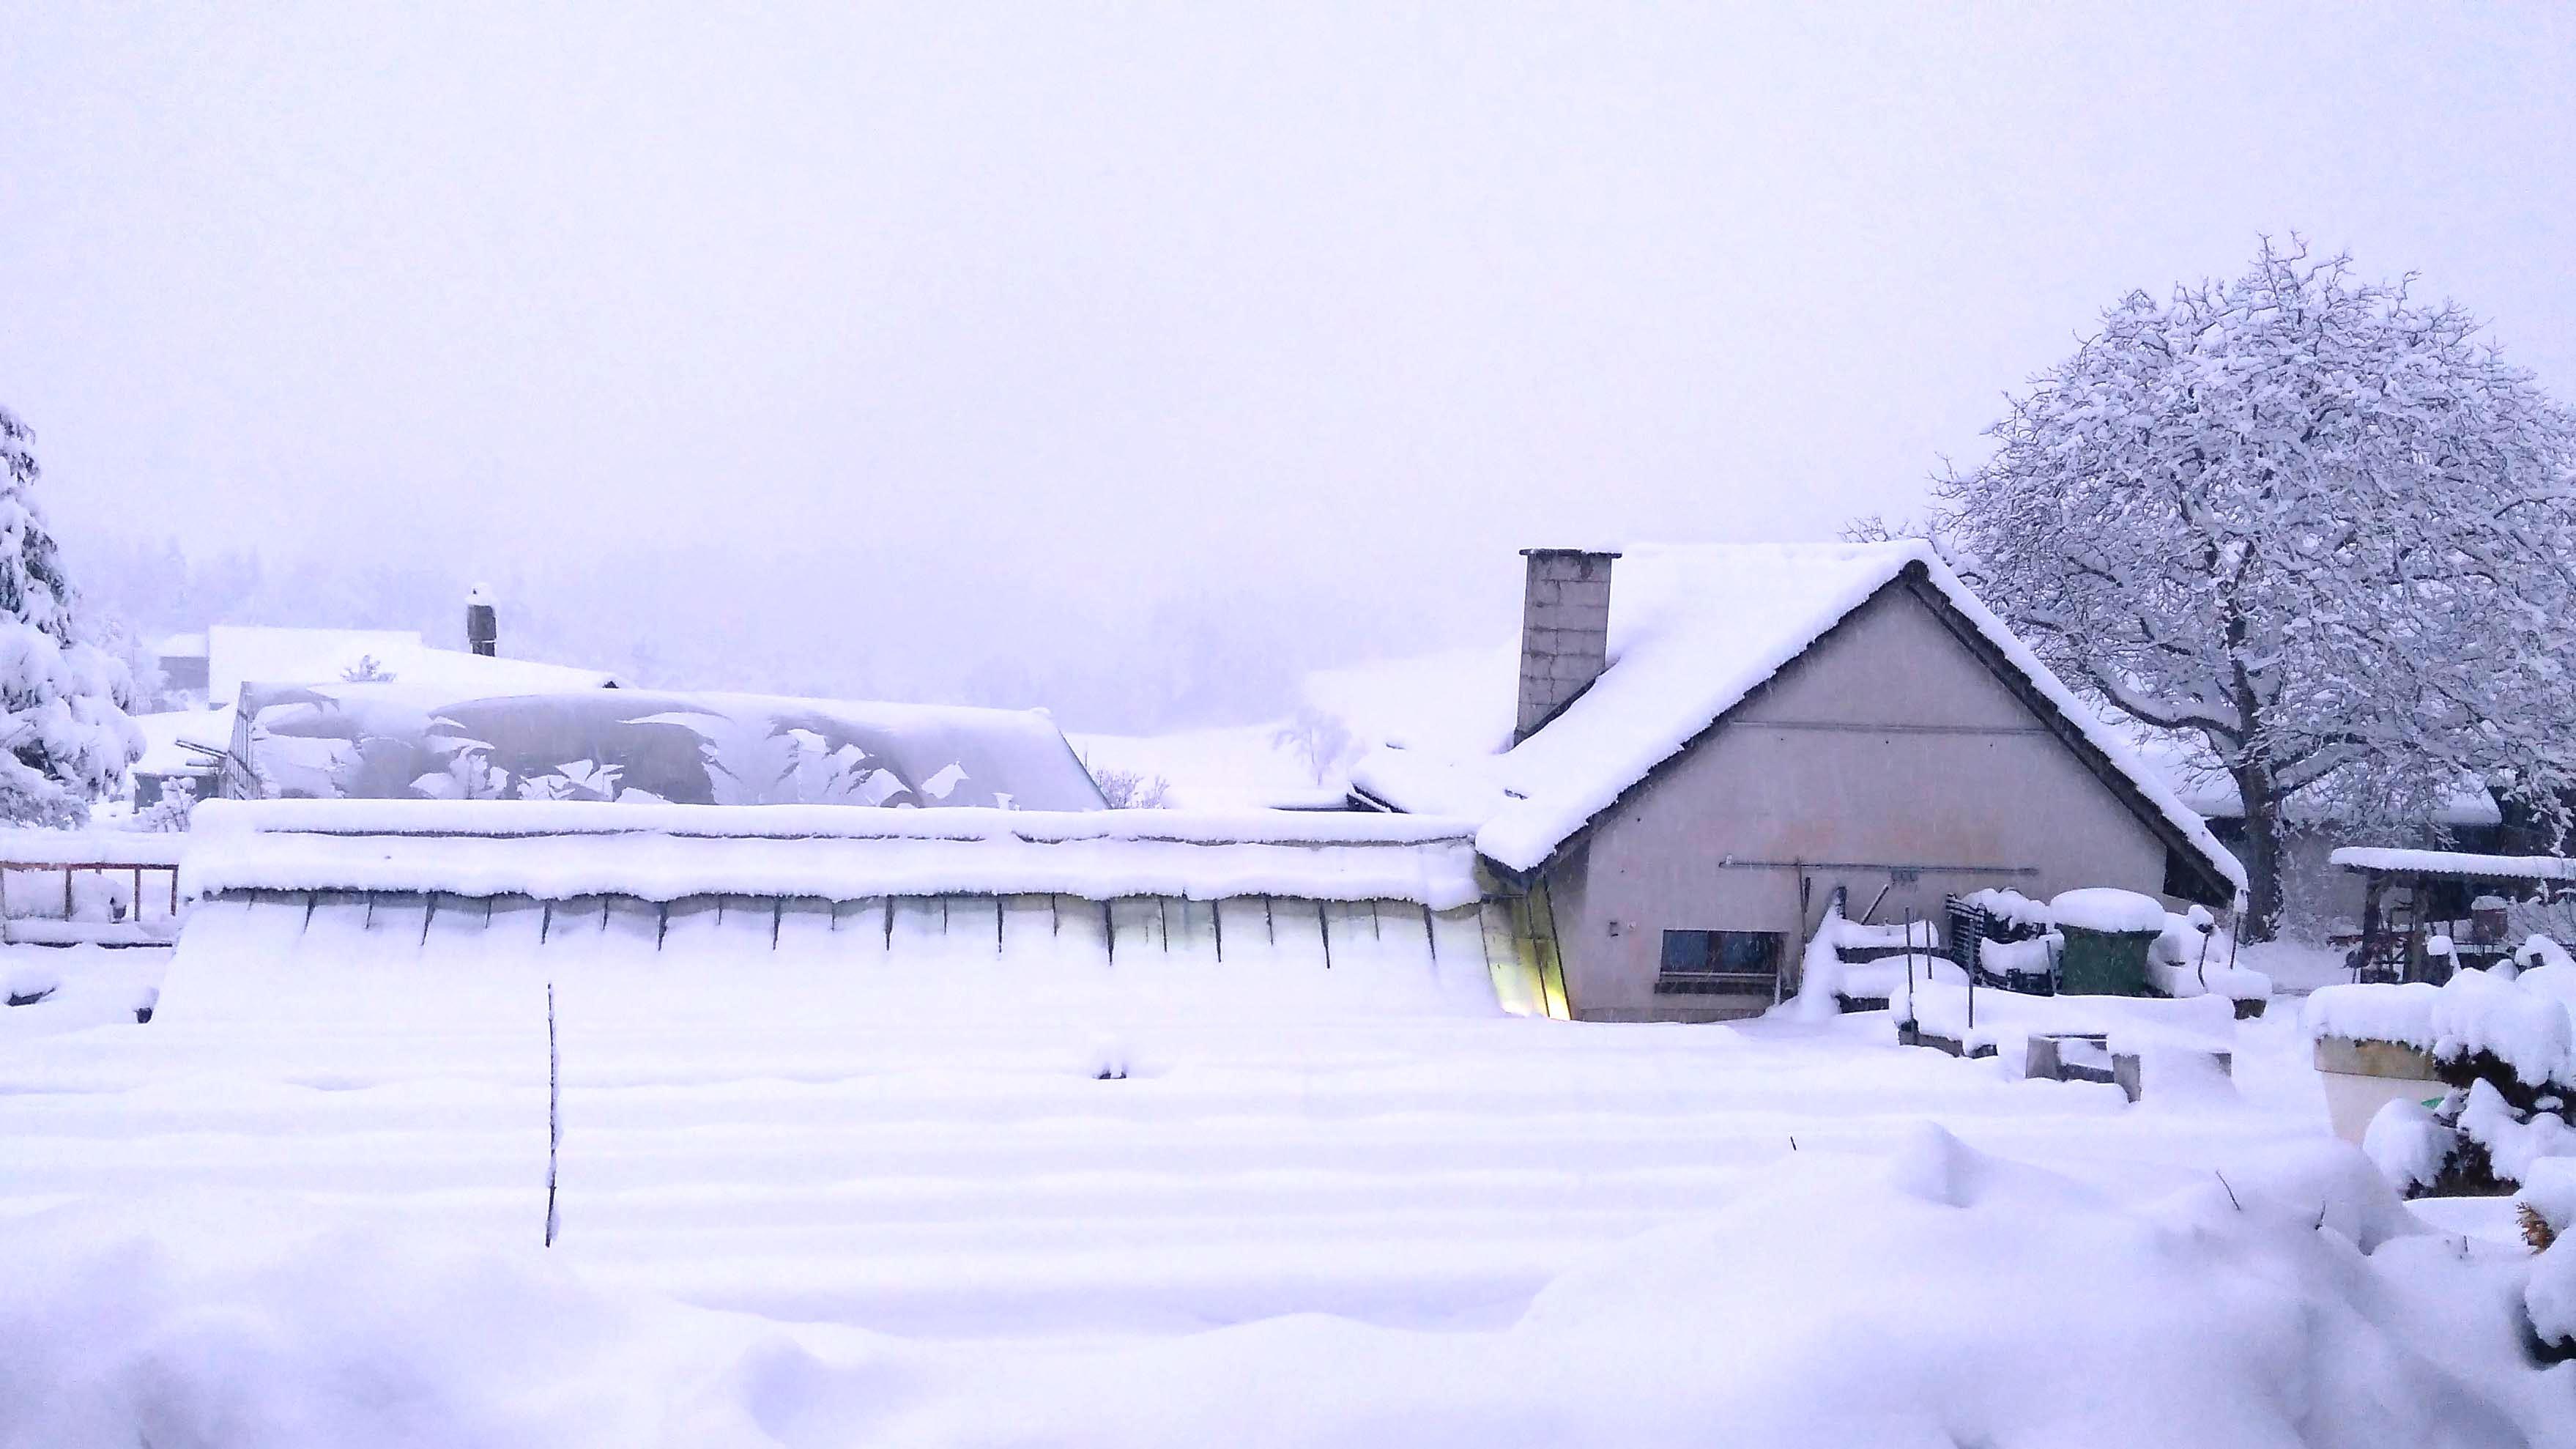 Ein ideales Winterquartier ermöglicht sogar Fruchtbildung